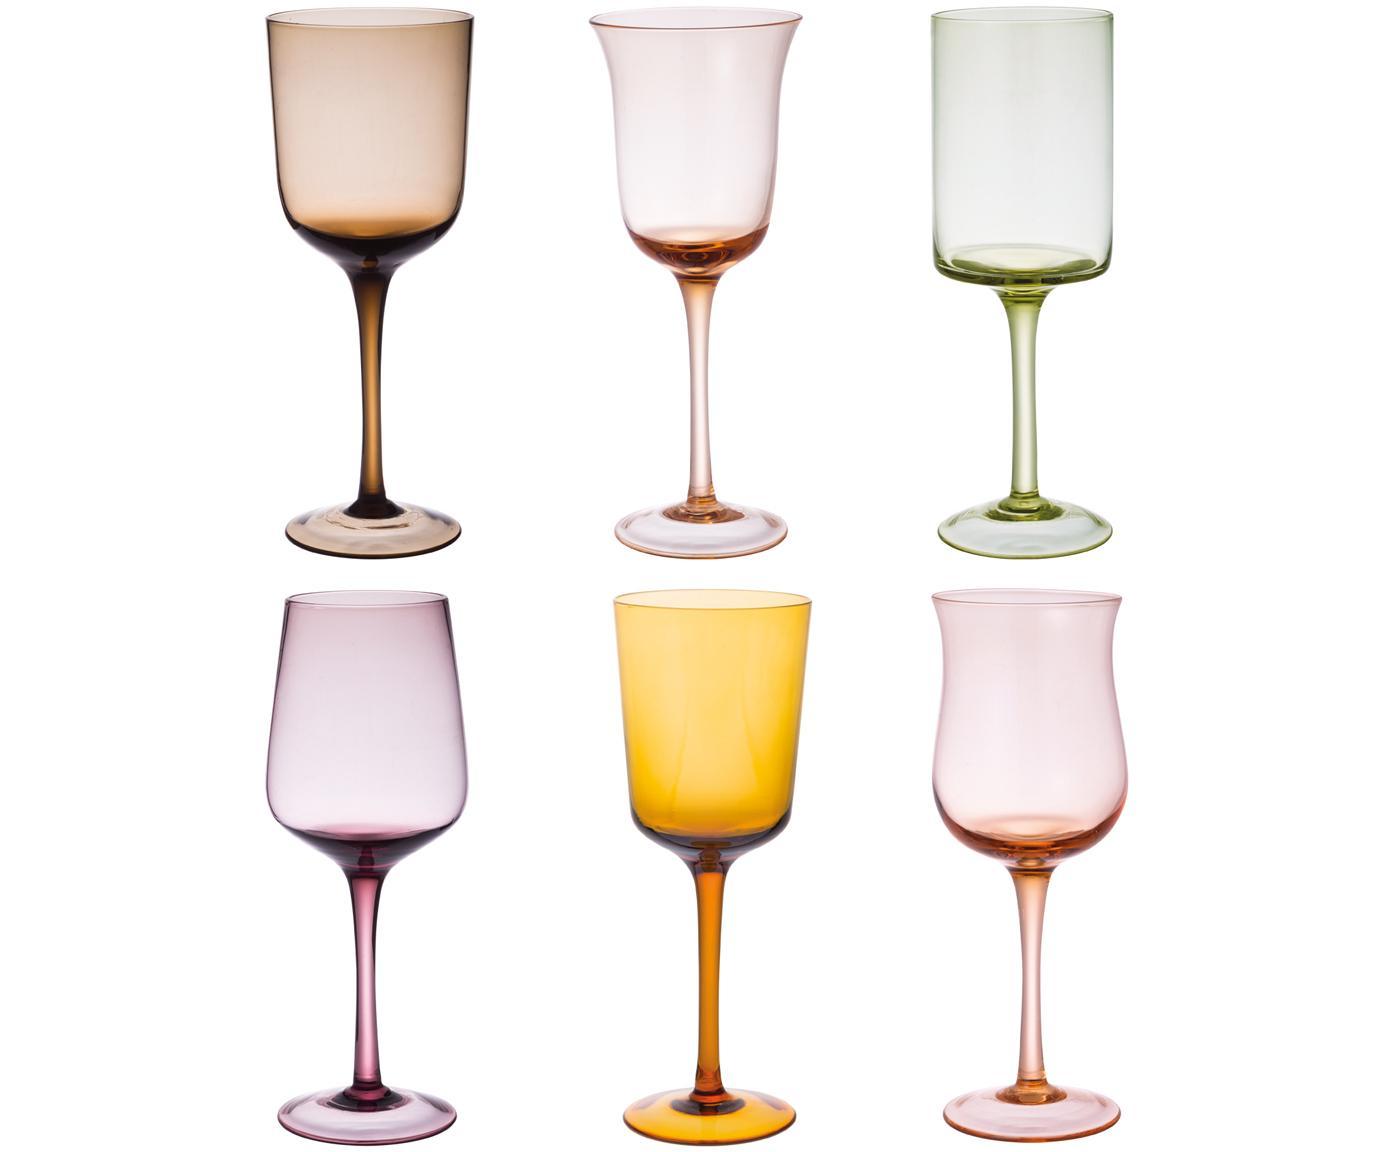 Komplet kieliszków do czerwonego wina ze szkła dmuchanego Desigual, 6 elem., Szkło dmuchane, Brązowy, odcienie różowego, zielony, żółty, purpurowy, Ø 7 cm